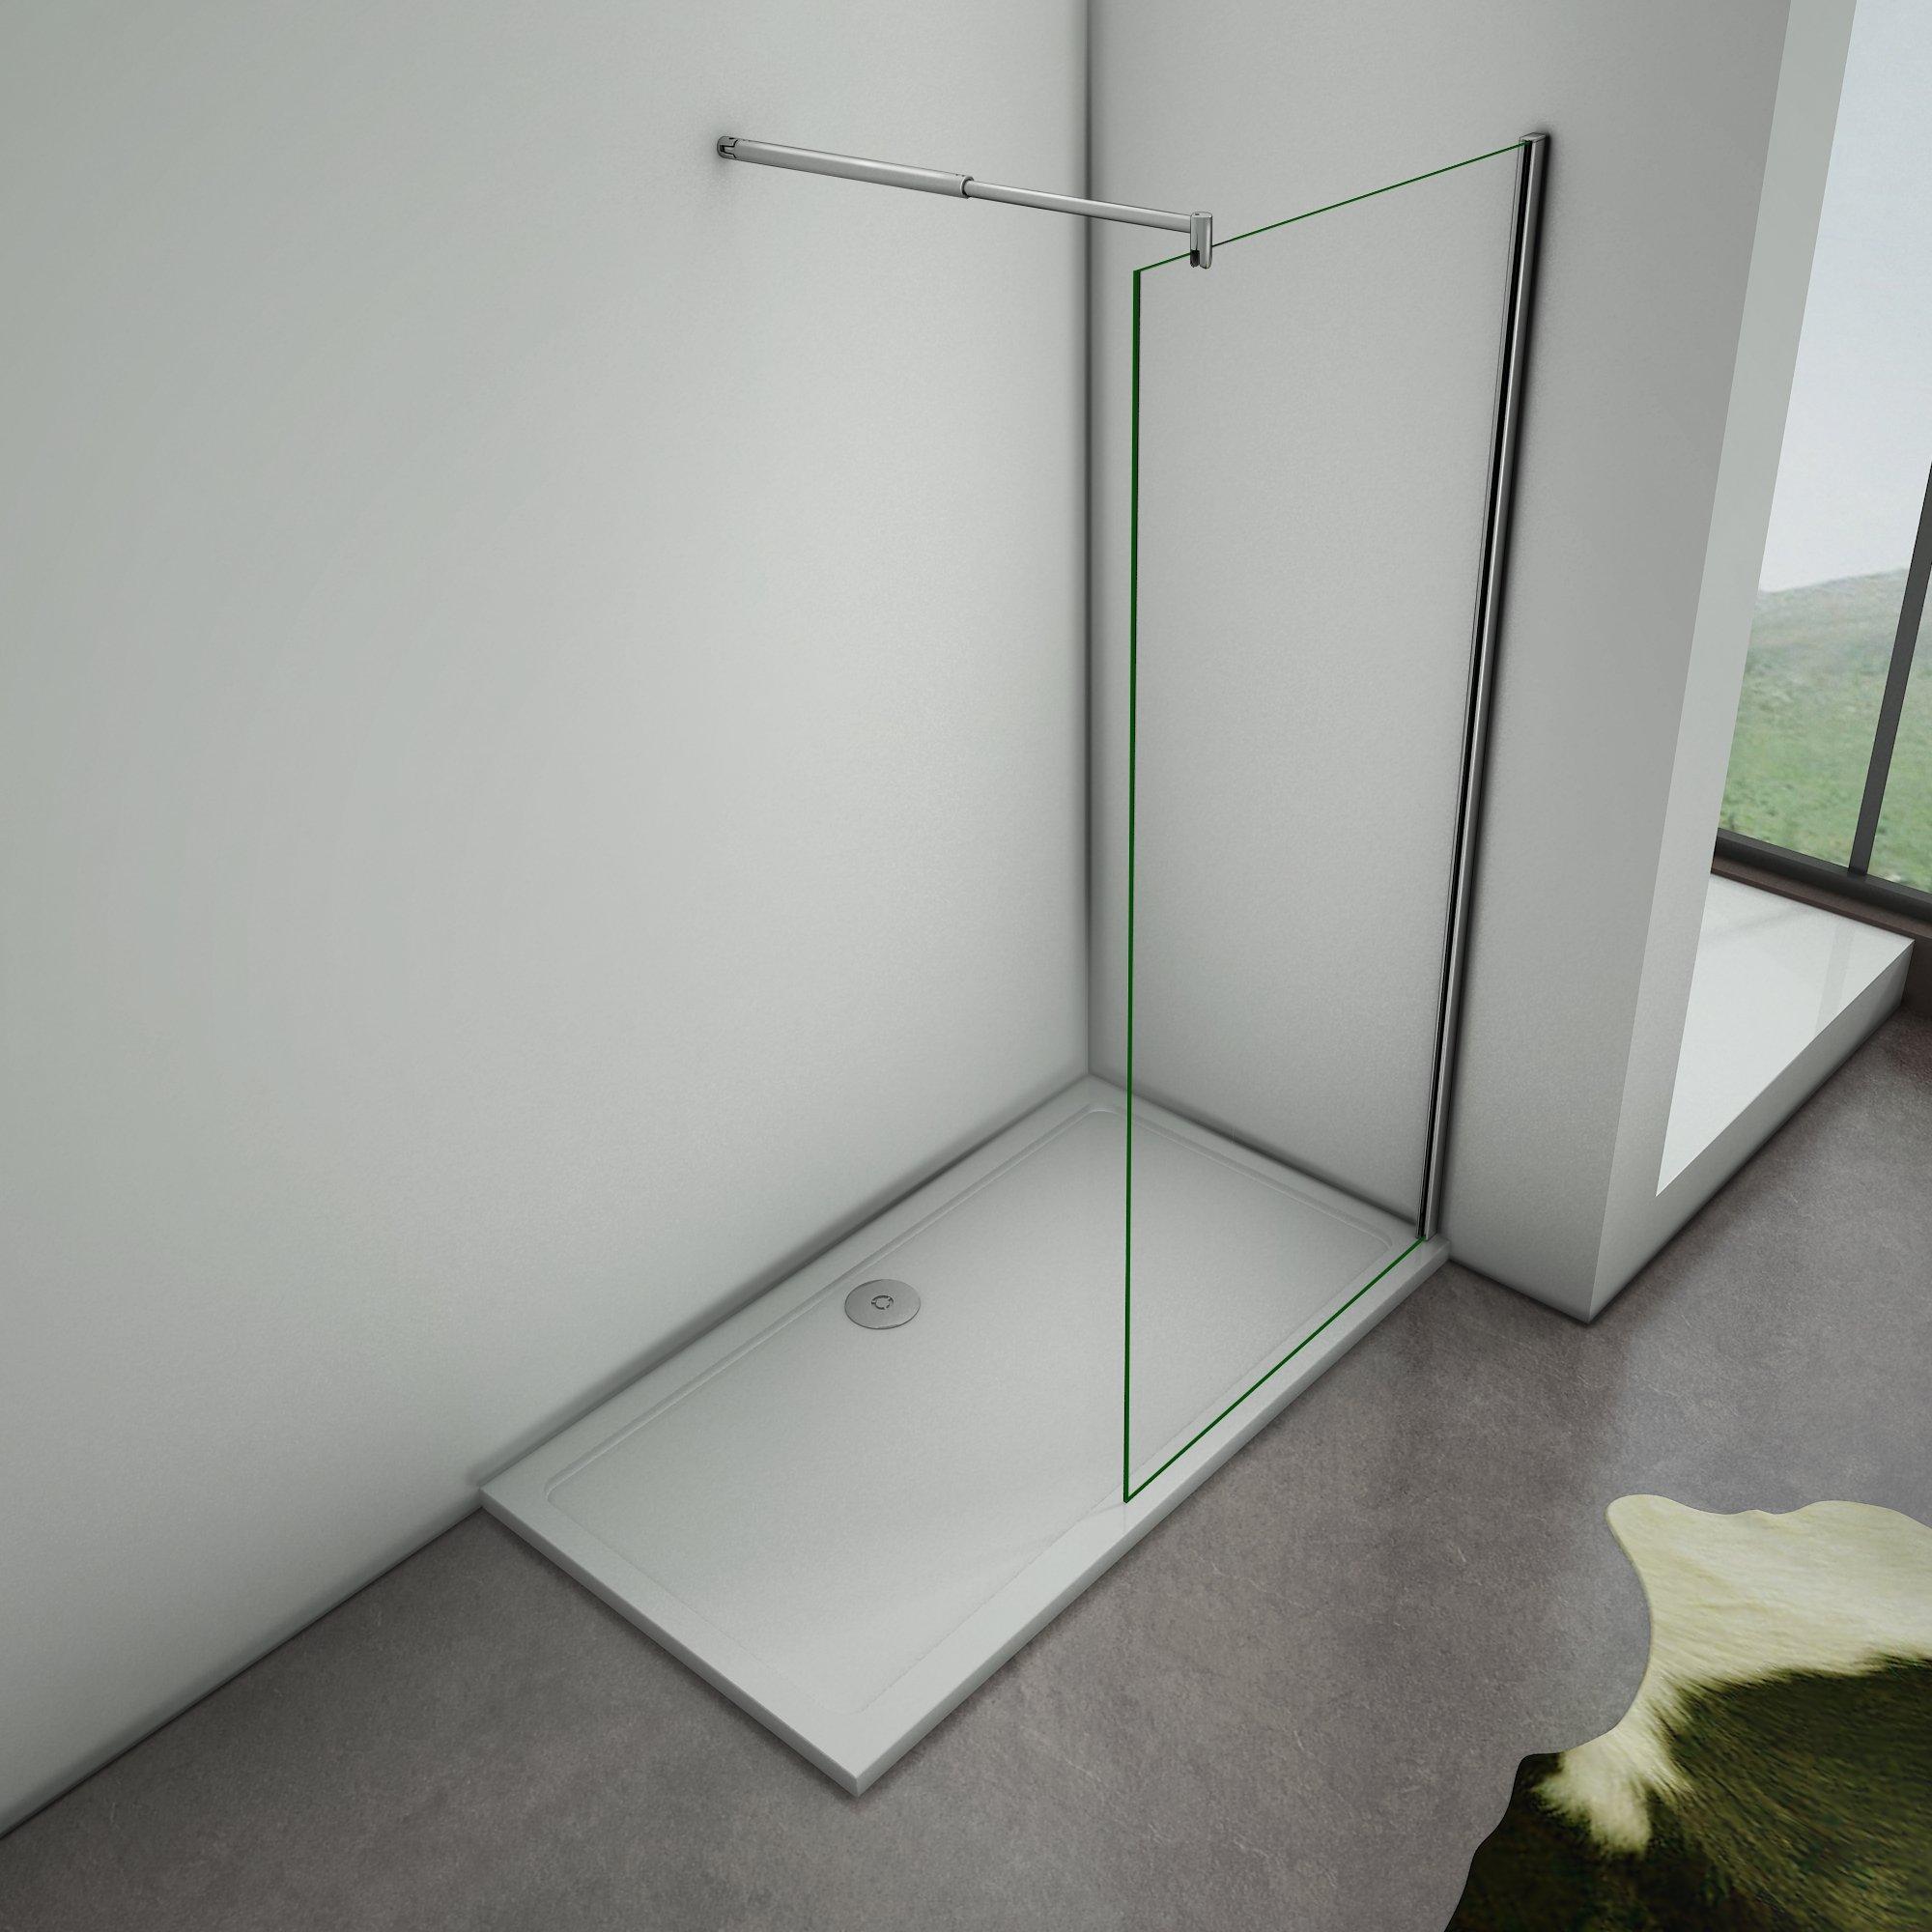 Mamparas de Ducha Frontales Puerta Fijo WALK IN Antical 8mm Cristal Barra 70cm-120cm 80x200cm: Amazon.es: Bricolaje y herramientas